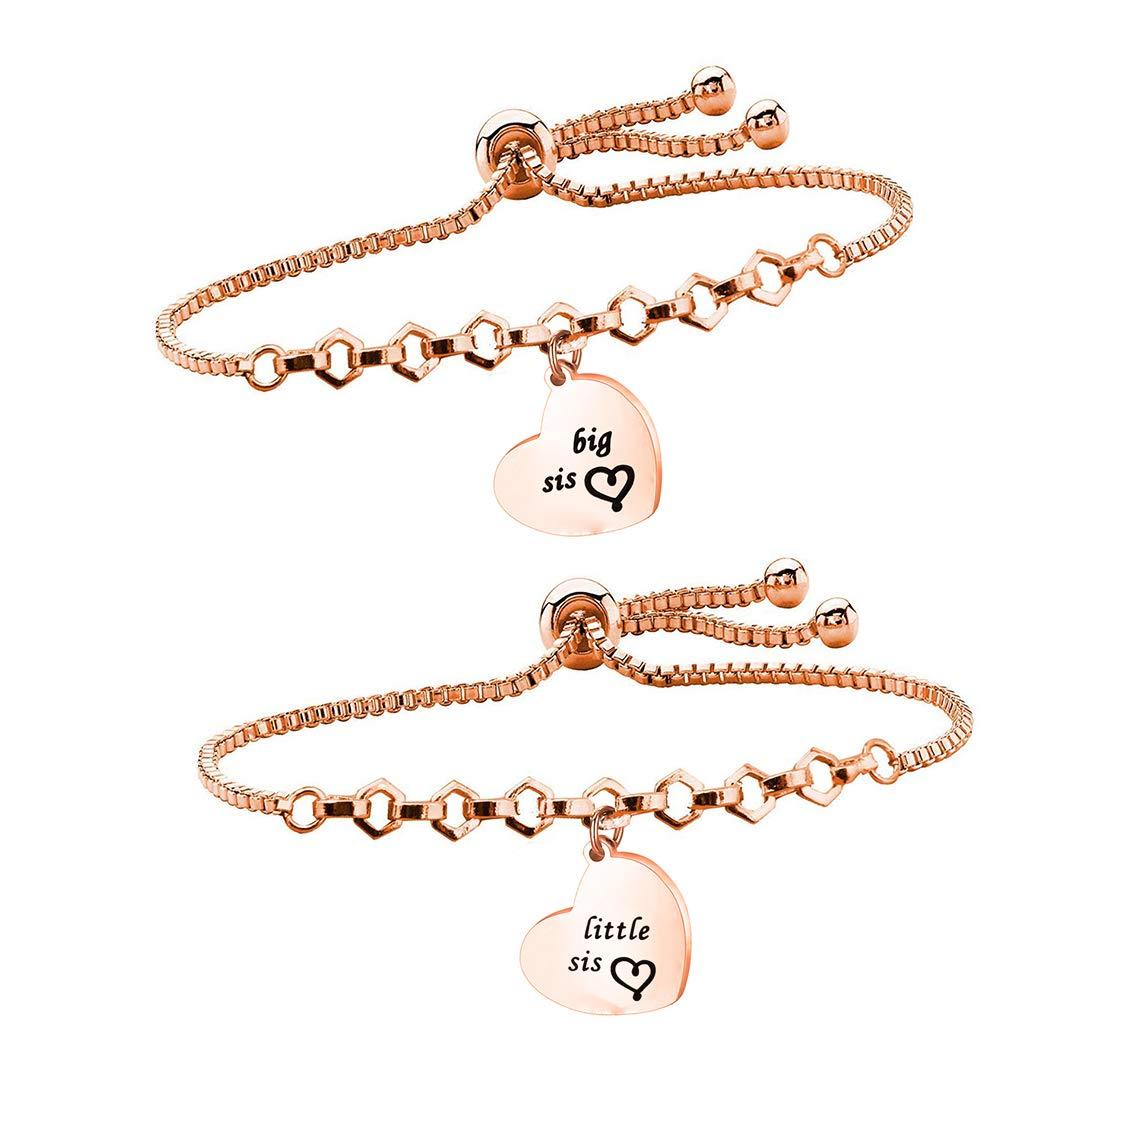 QIIER Big Sis Lil Sis Bracelets Set for 2 Sisters Adjustable Chain Bracelets